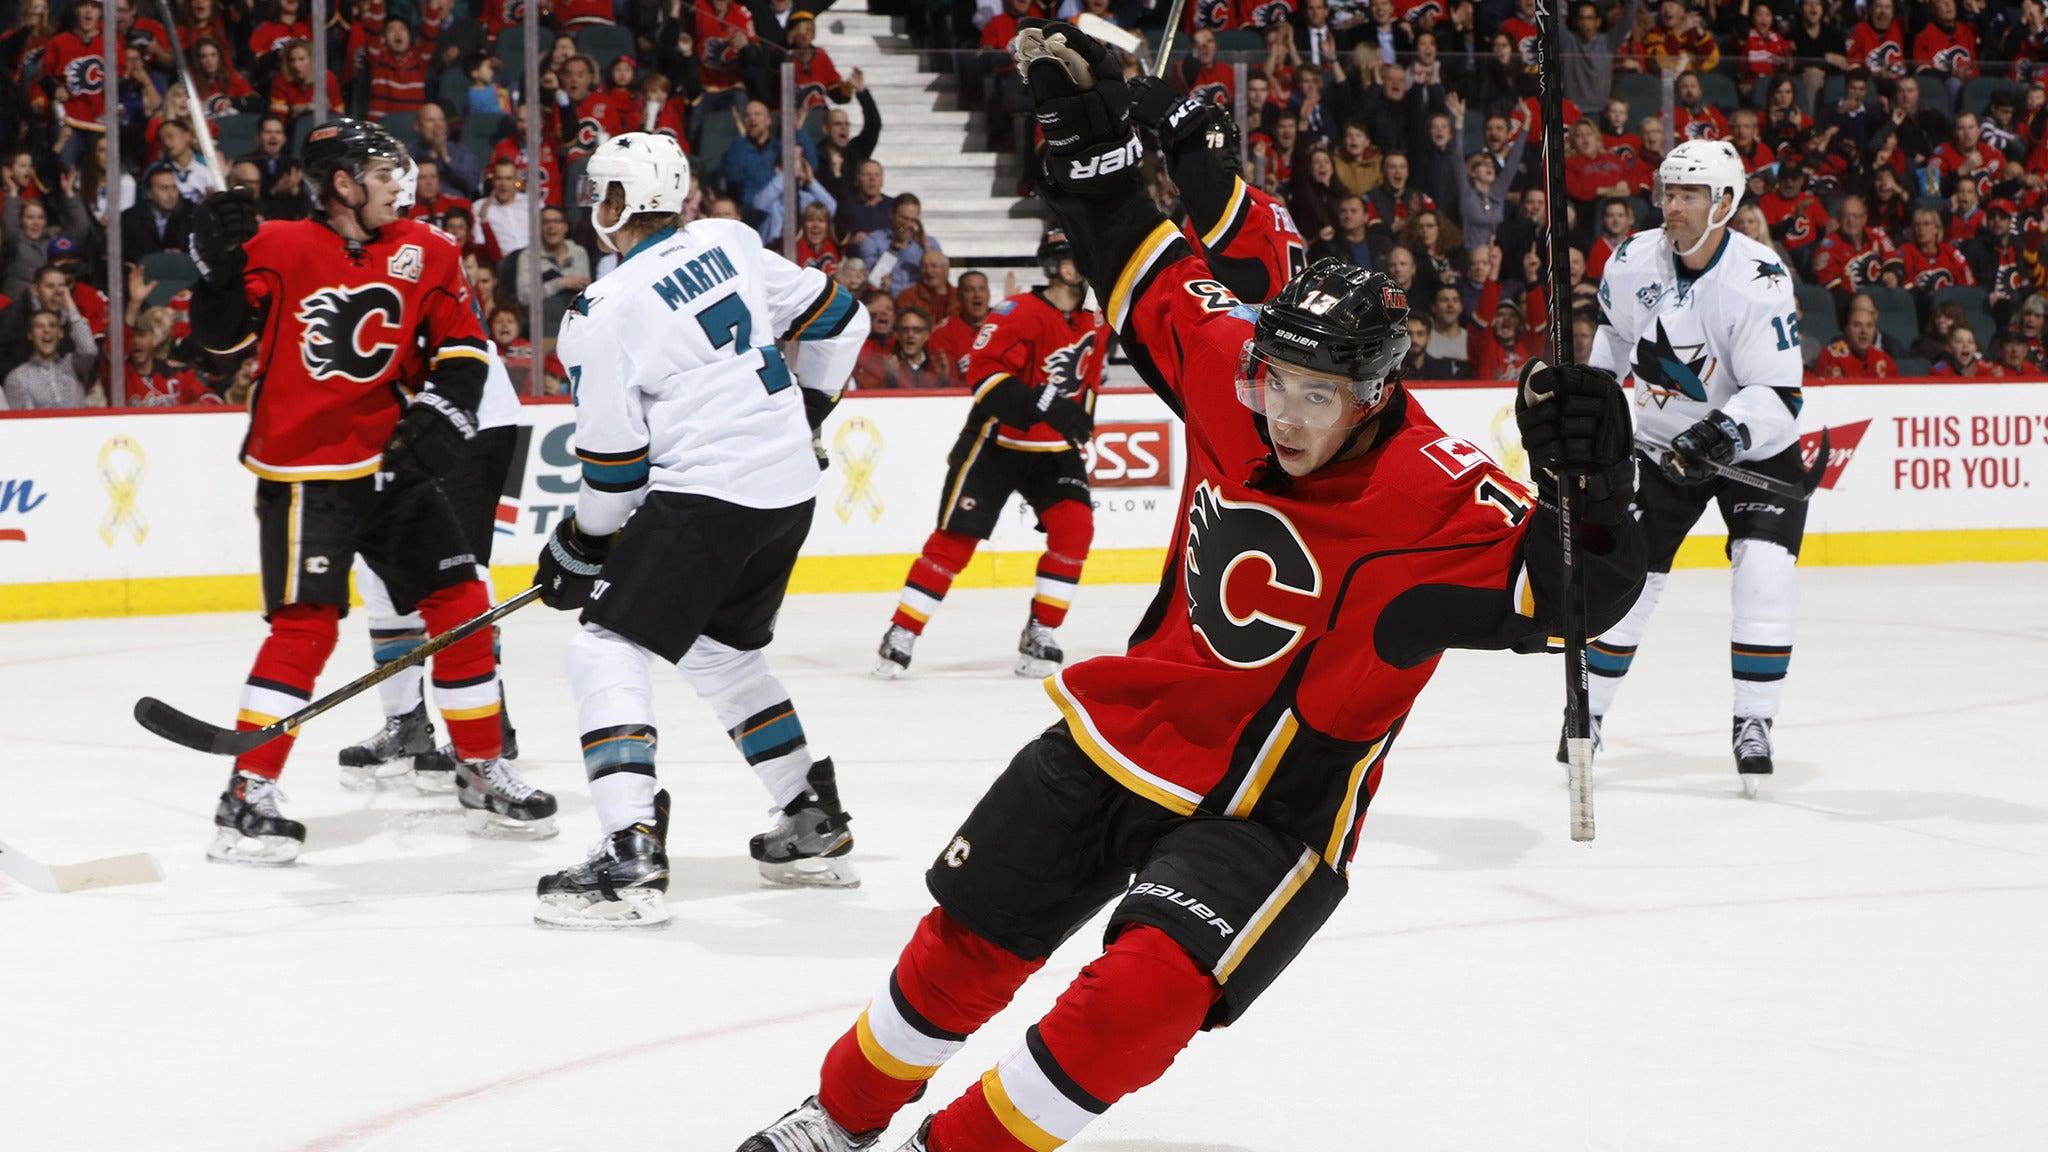 Calgary Flames vs. Anaheim Ducks at Scotiabank Saddledome